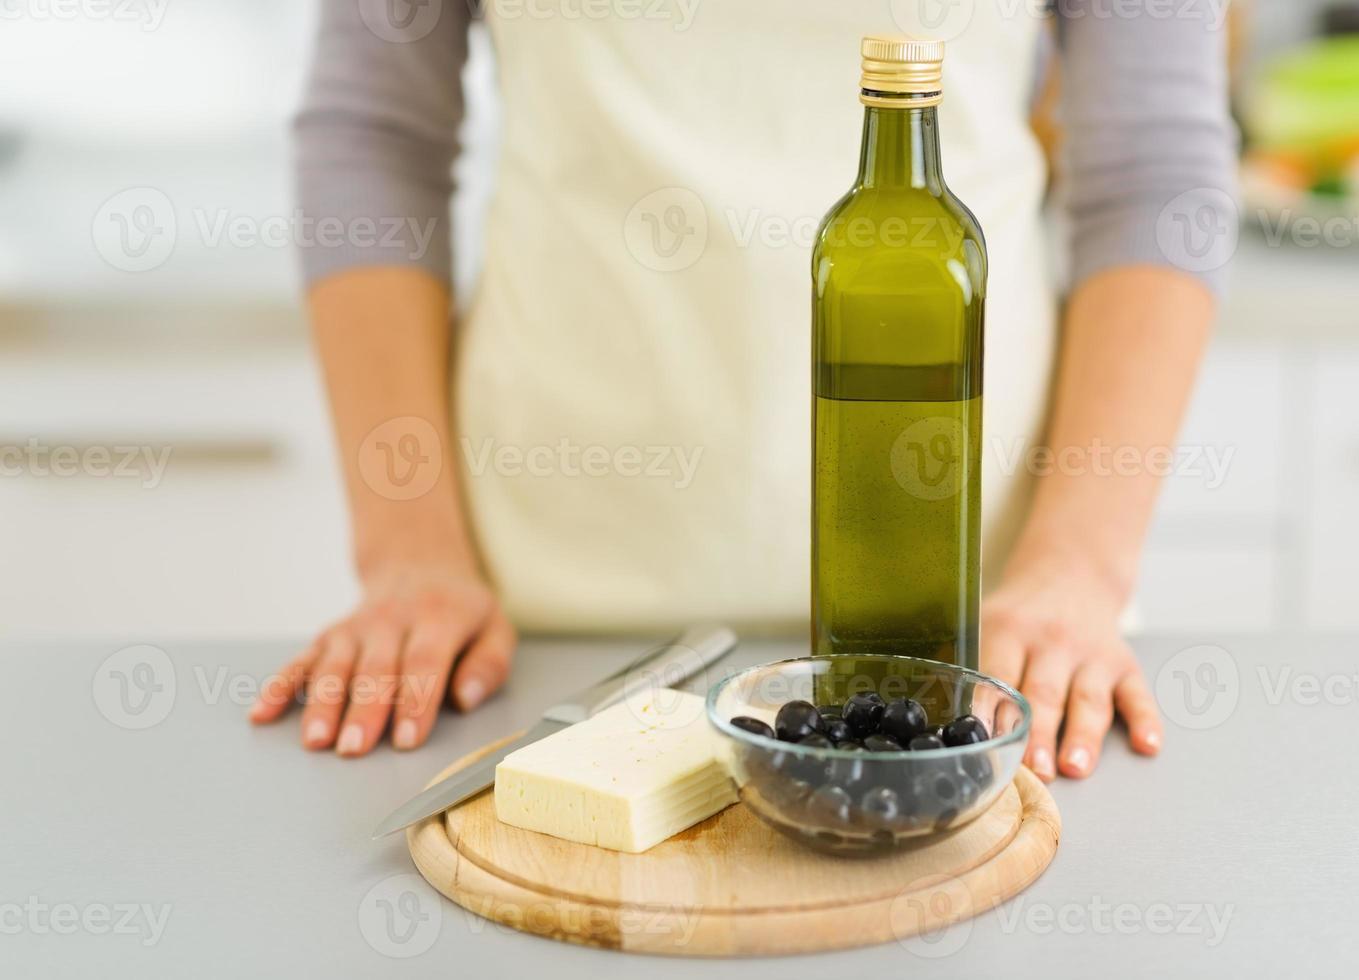 fromage, olives et huile d'olive sur une planche à découper. fermer photo